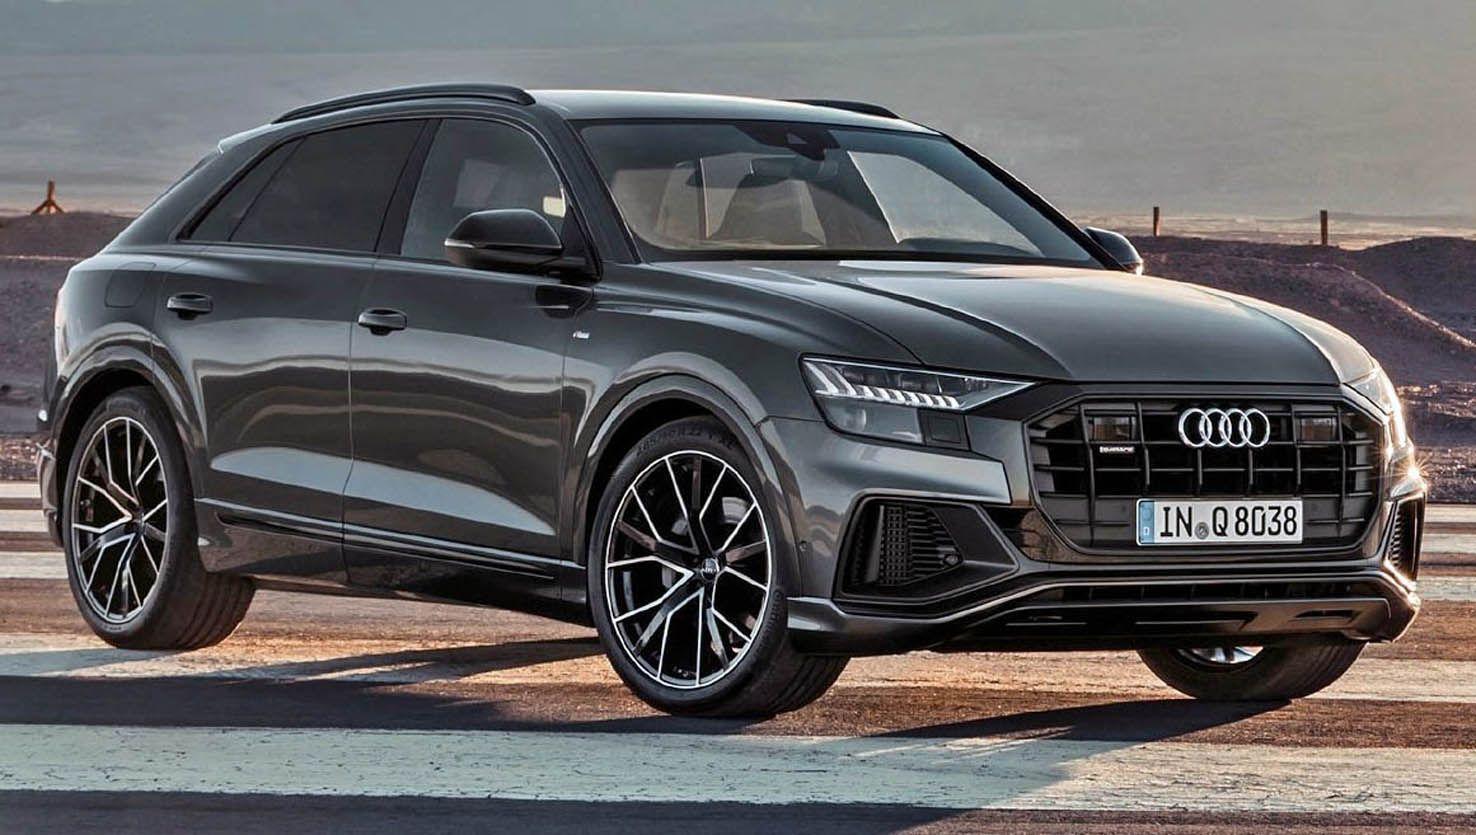 أودي كيو 8 الجديدة كليا 2019 عودة الكواترو الأصلية على شكل كروس أوفر فاخرة موقع ويلز Audi Car Lease Dream Cars